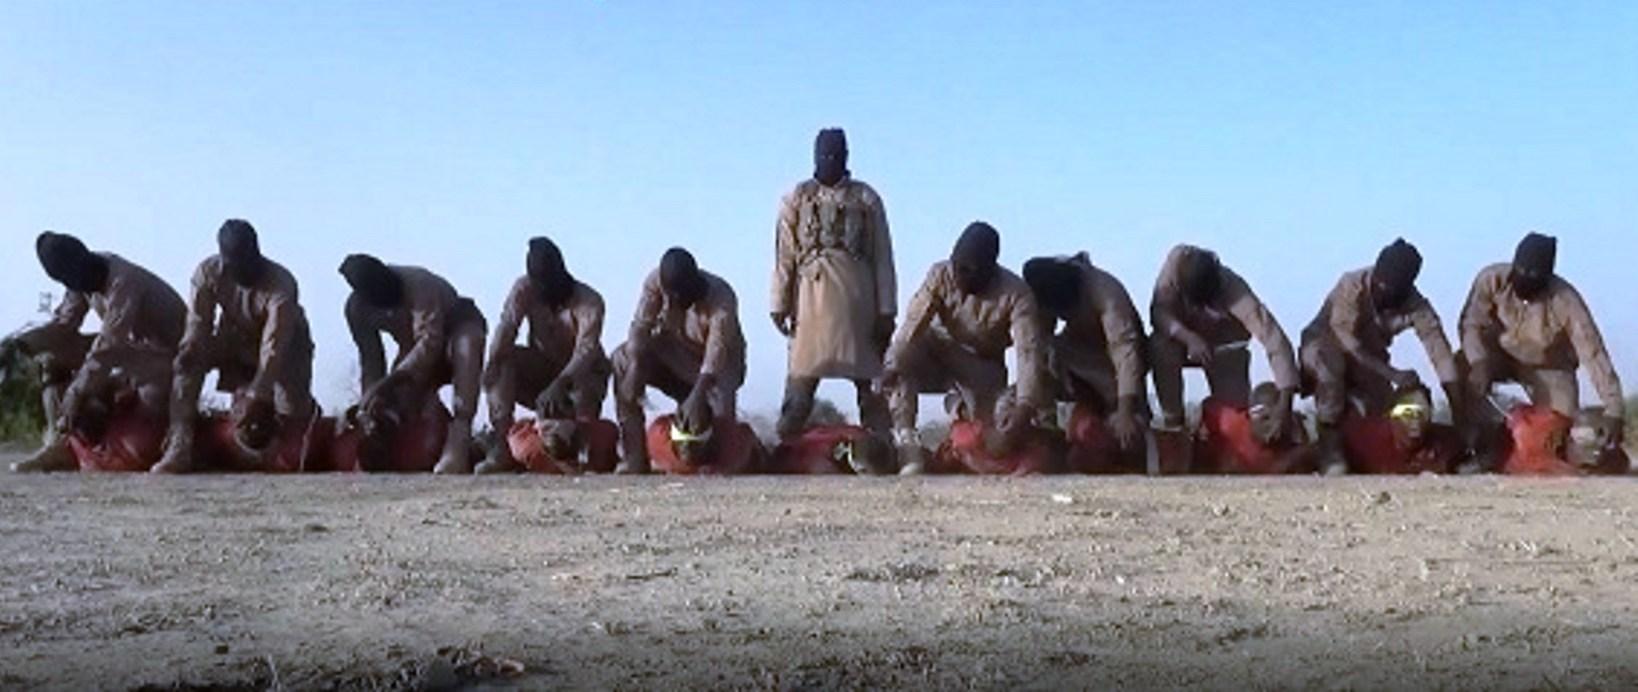 """Islamischer Staat führt """"Missstände"""" an, beansprucht Opferstatus gegenüber abgeschlachteten Christen"""